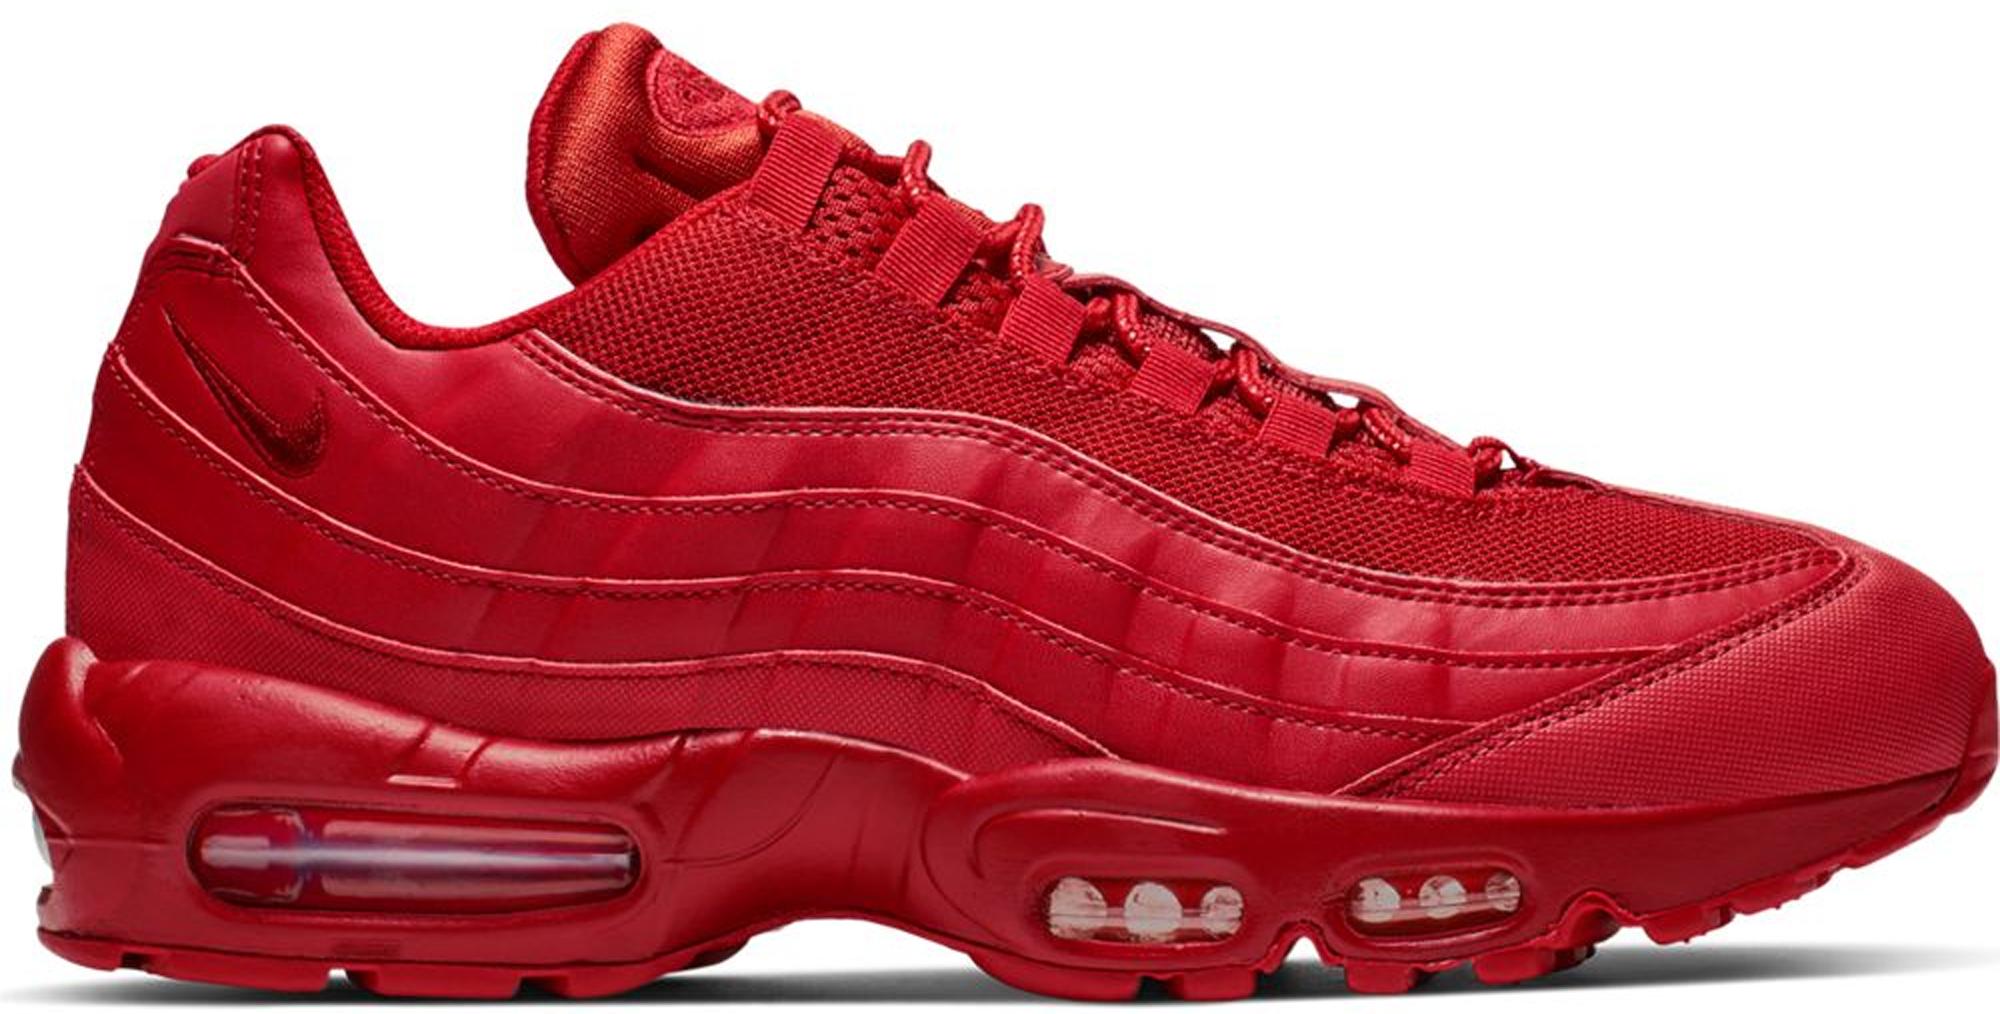 Nike Air Max 95 Triple Red - CQ9969-600